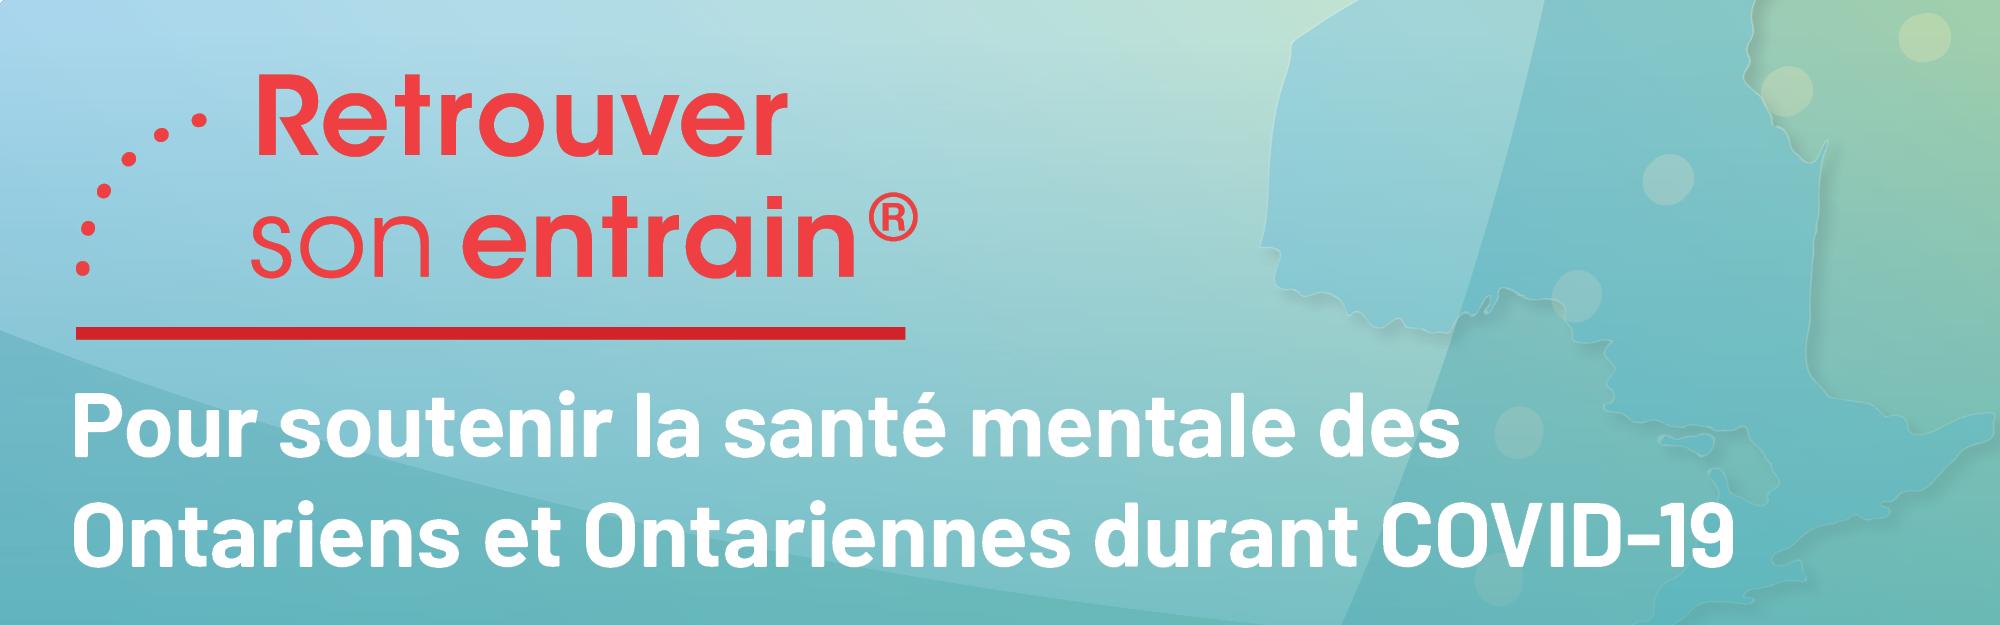 Les soutiens en santé mentale offerts à tous les Ontariens et Ontariennes: ACSM Retrouver son entrain